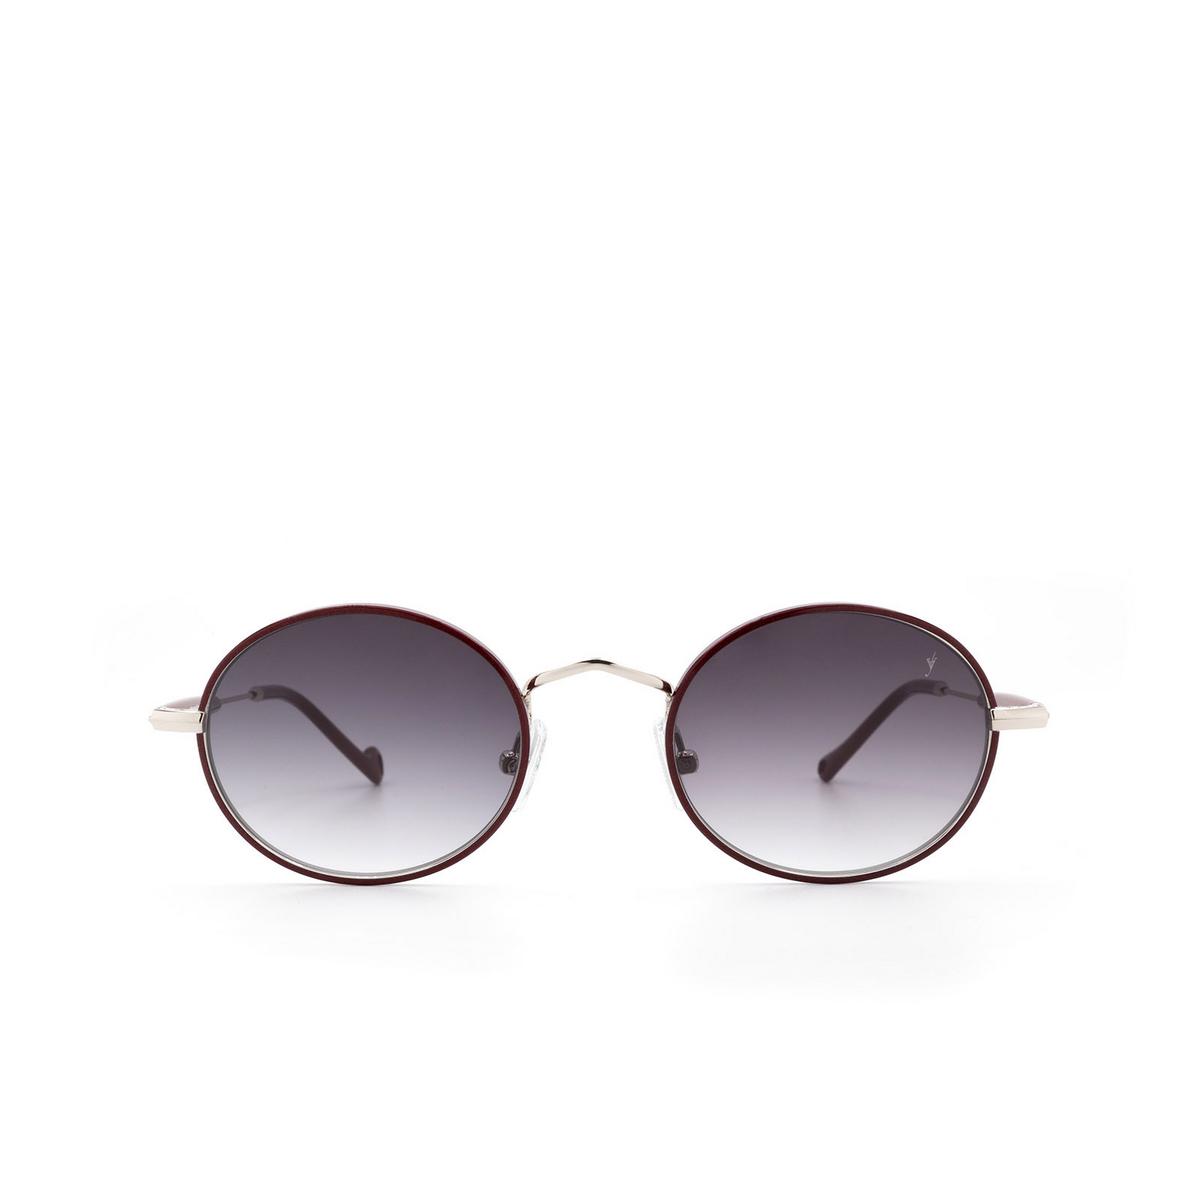 Eyepetizer® Round Sunglasses: Un color Bordeaux C.1-C-P-27 - front view.